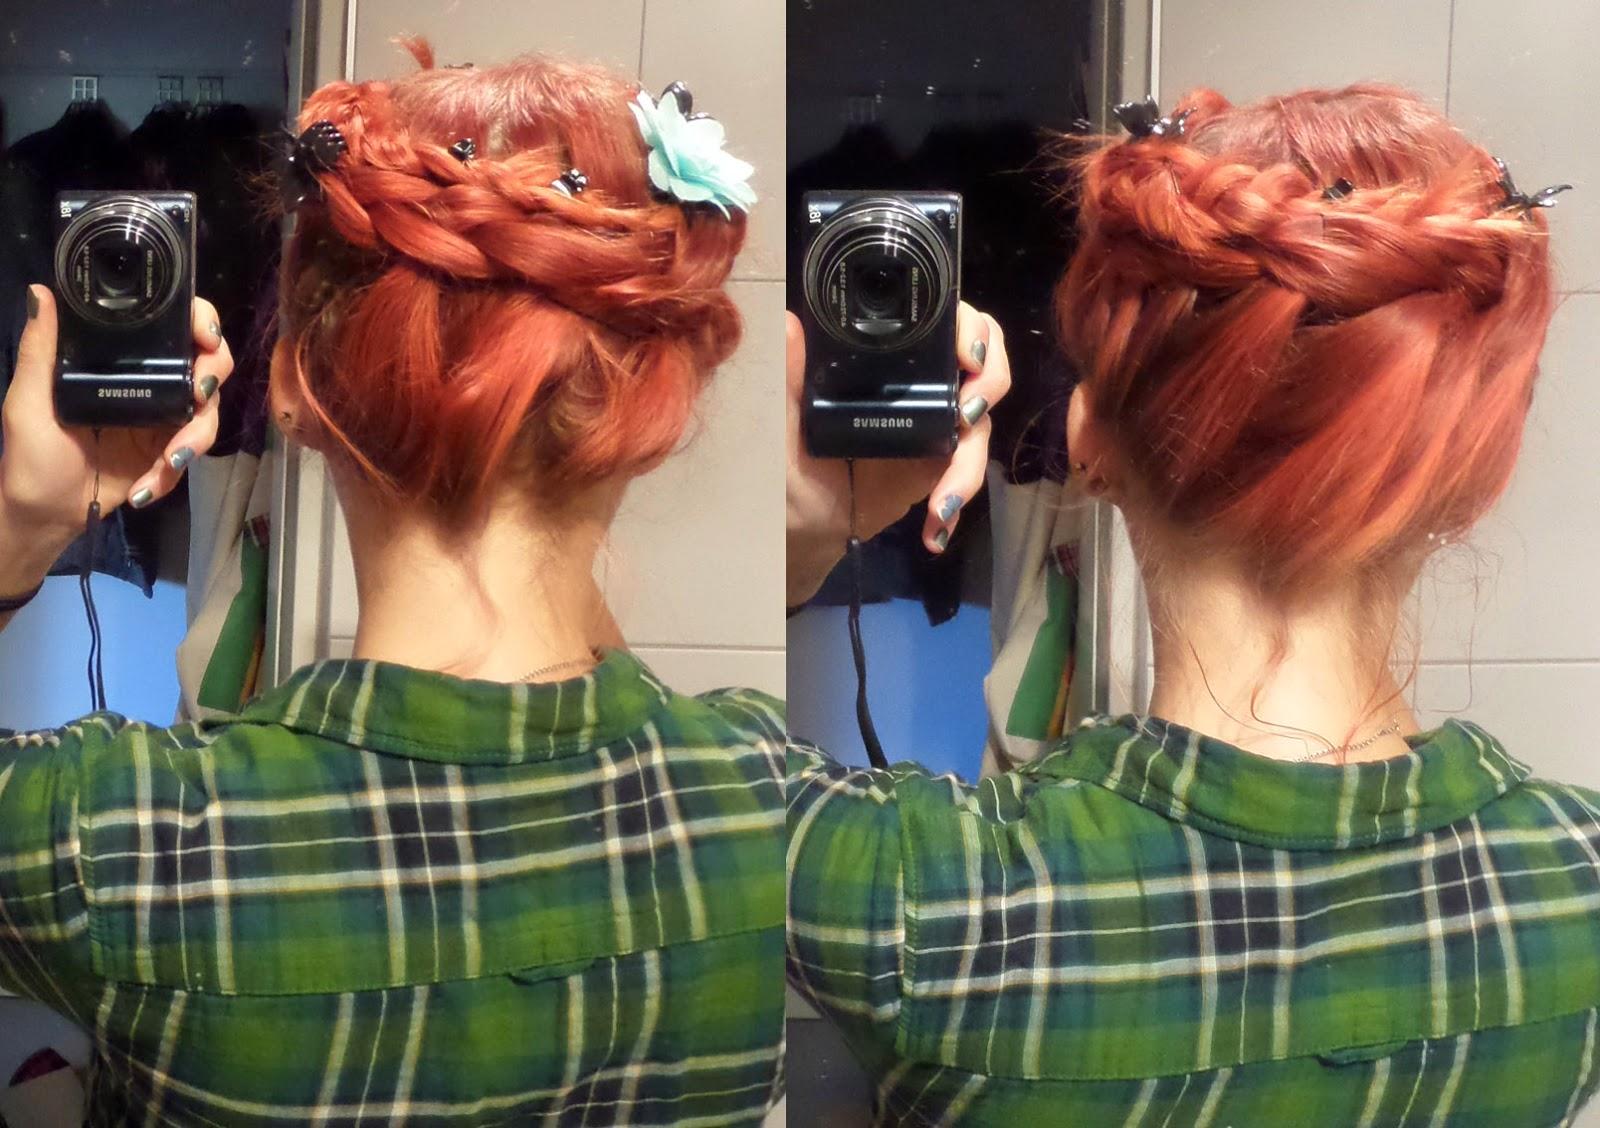 [Mädchenkram] Haare - Sonntagsfrisur #7